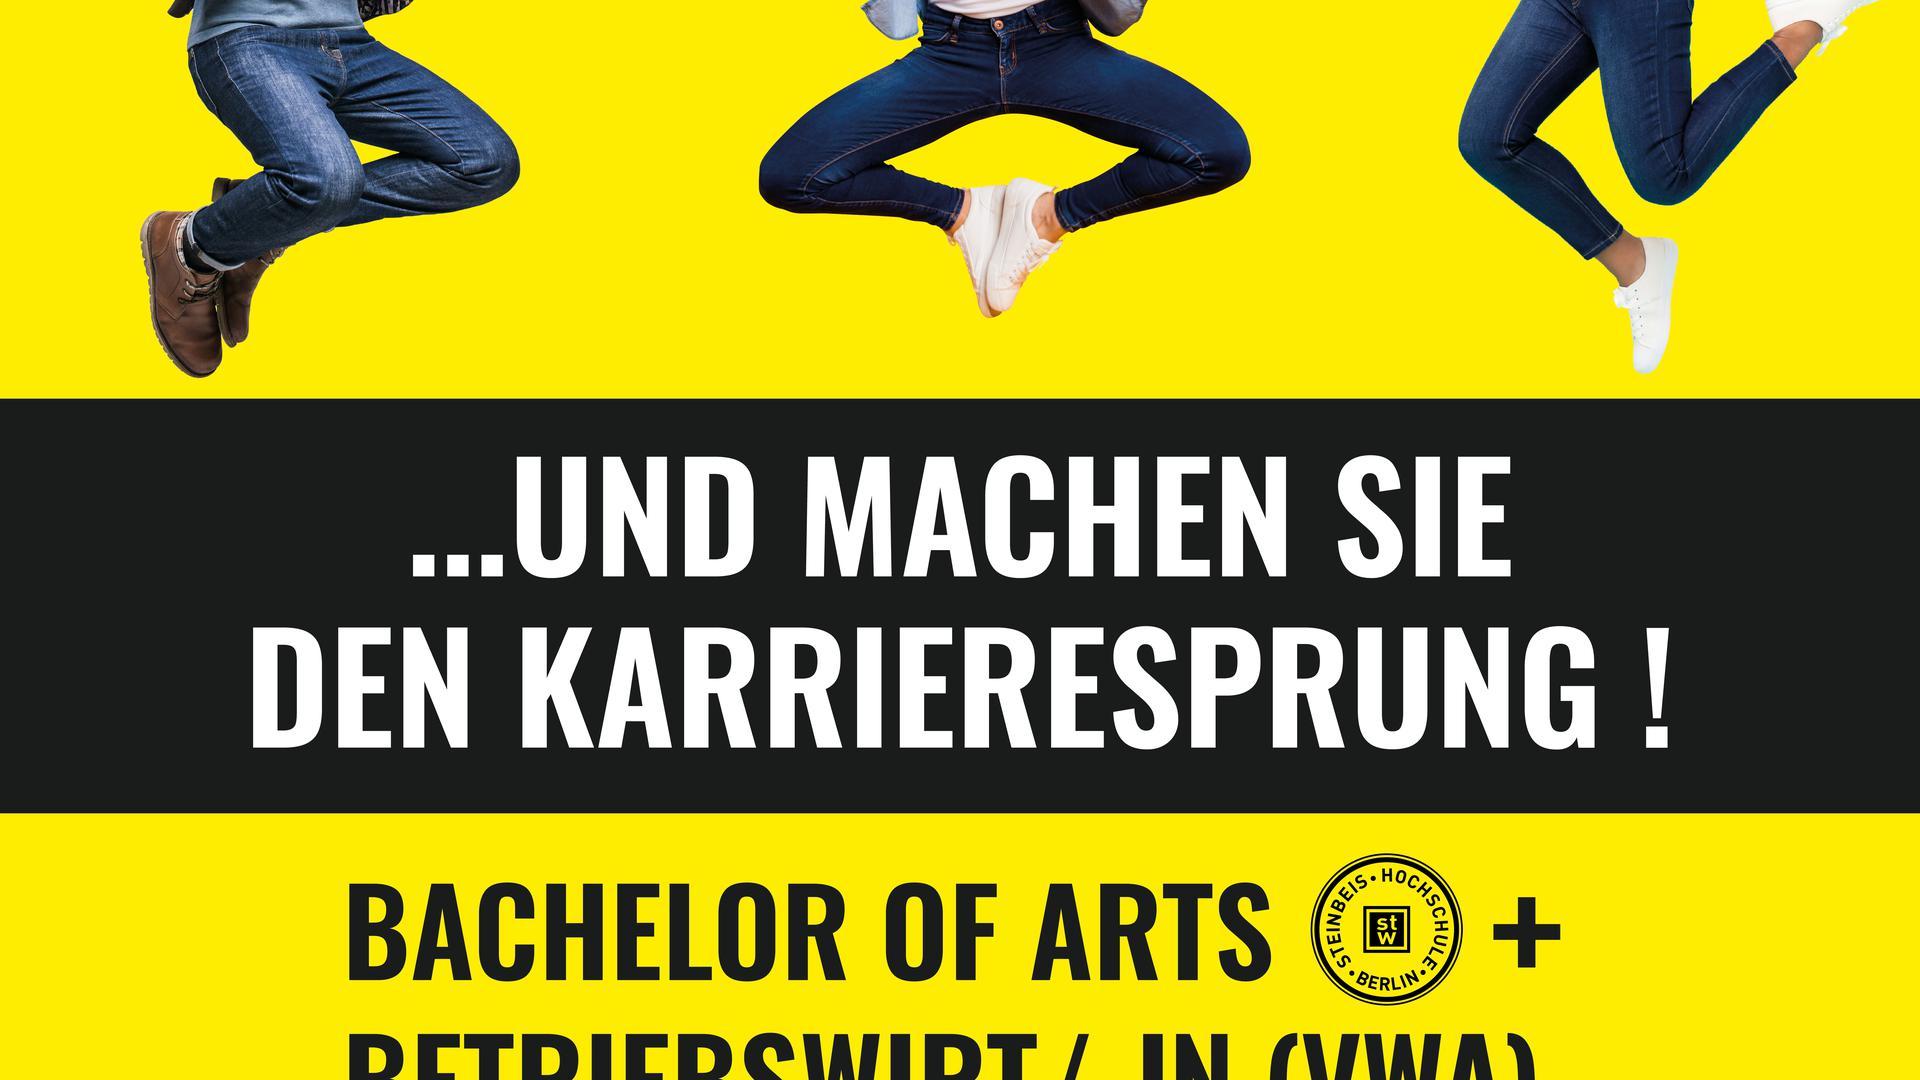 An der VWA Karlsruhe können sich Berufstätige optimal weiterbilden und so ihre Karriere gezielt voranbringen.